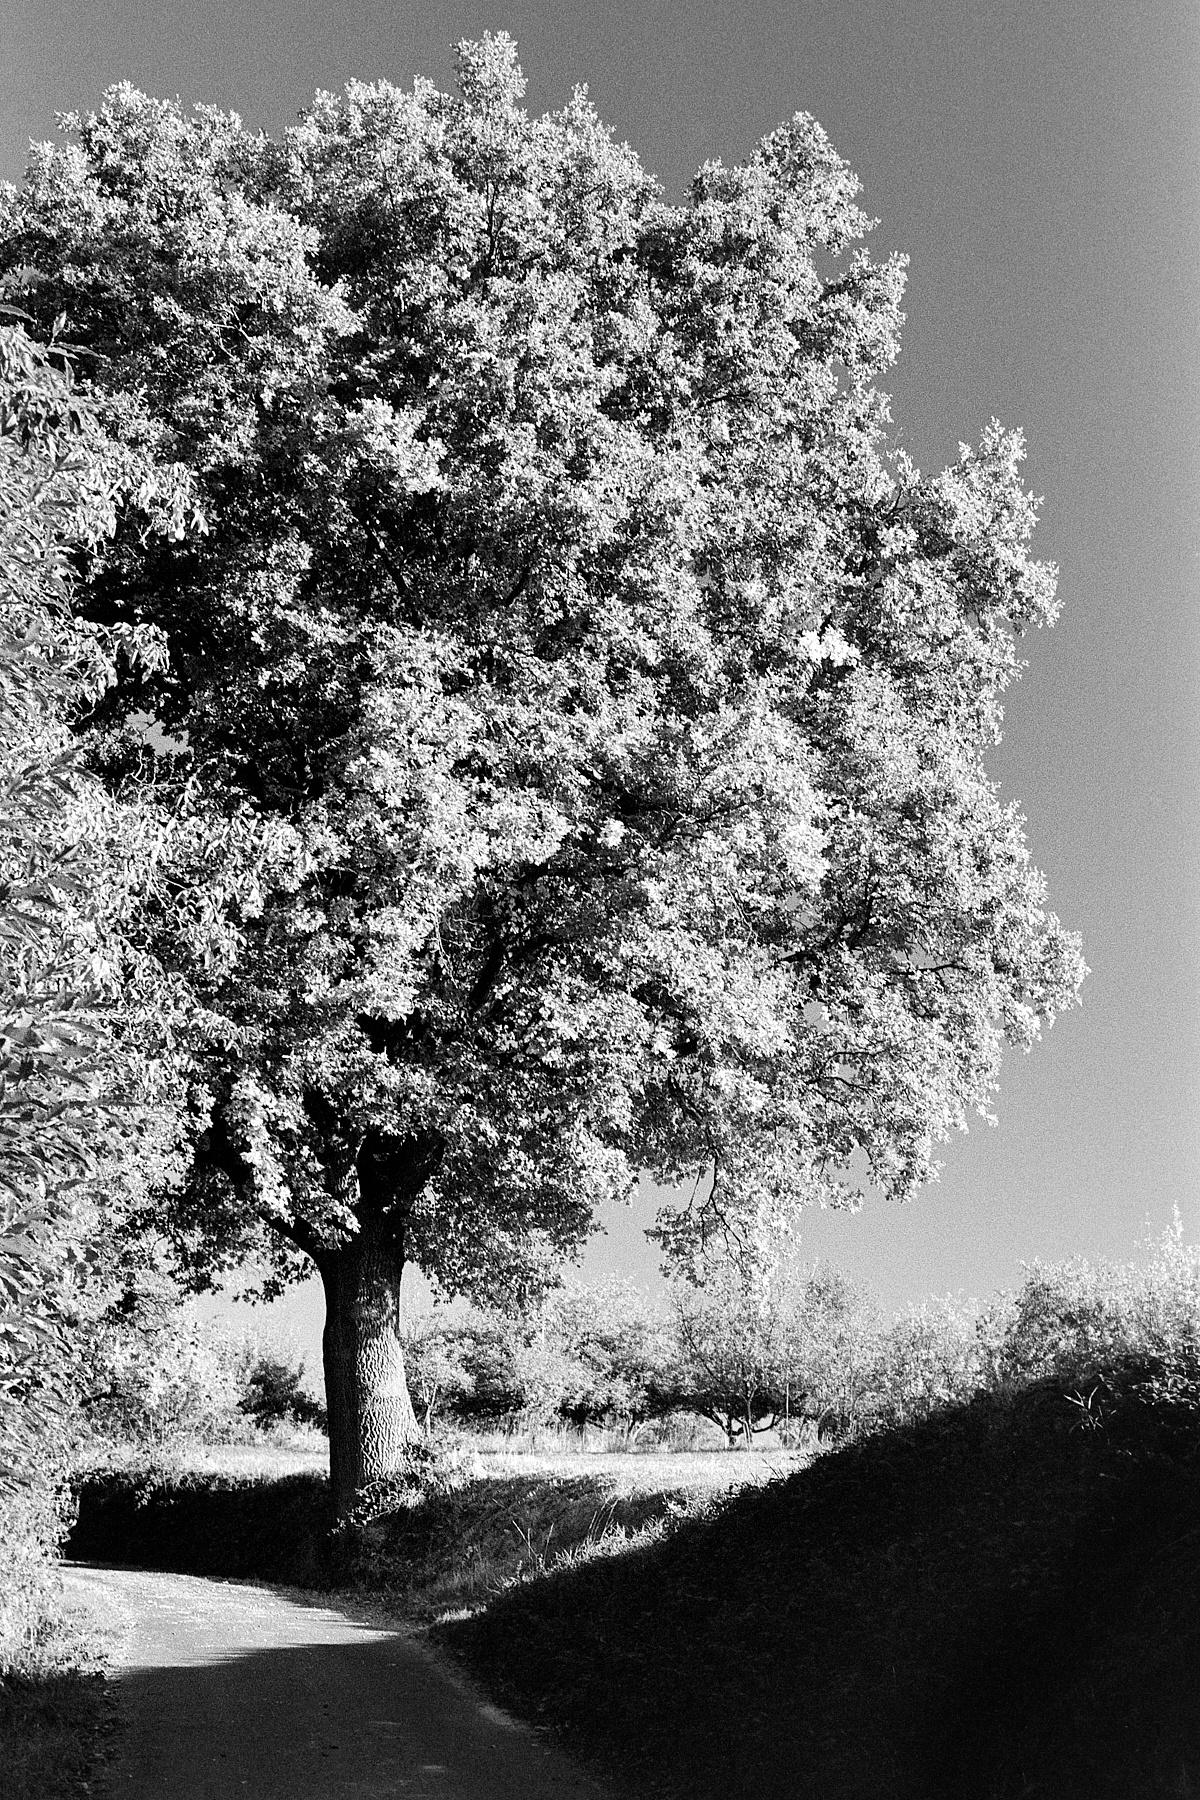 2018-10-19-2023-tree cinestill bwxx.jpg